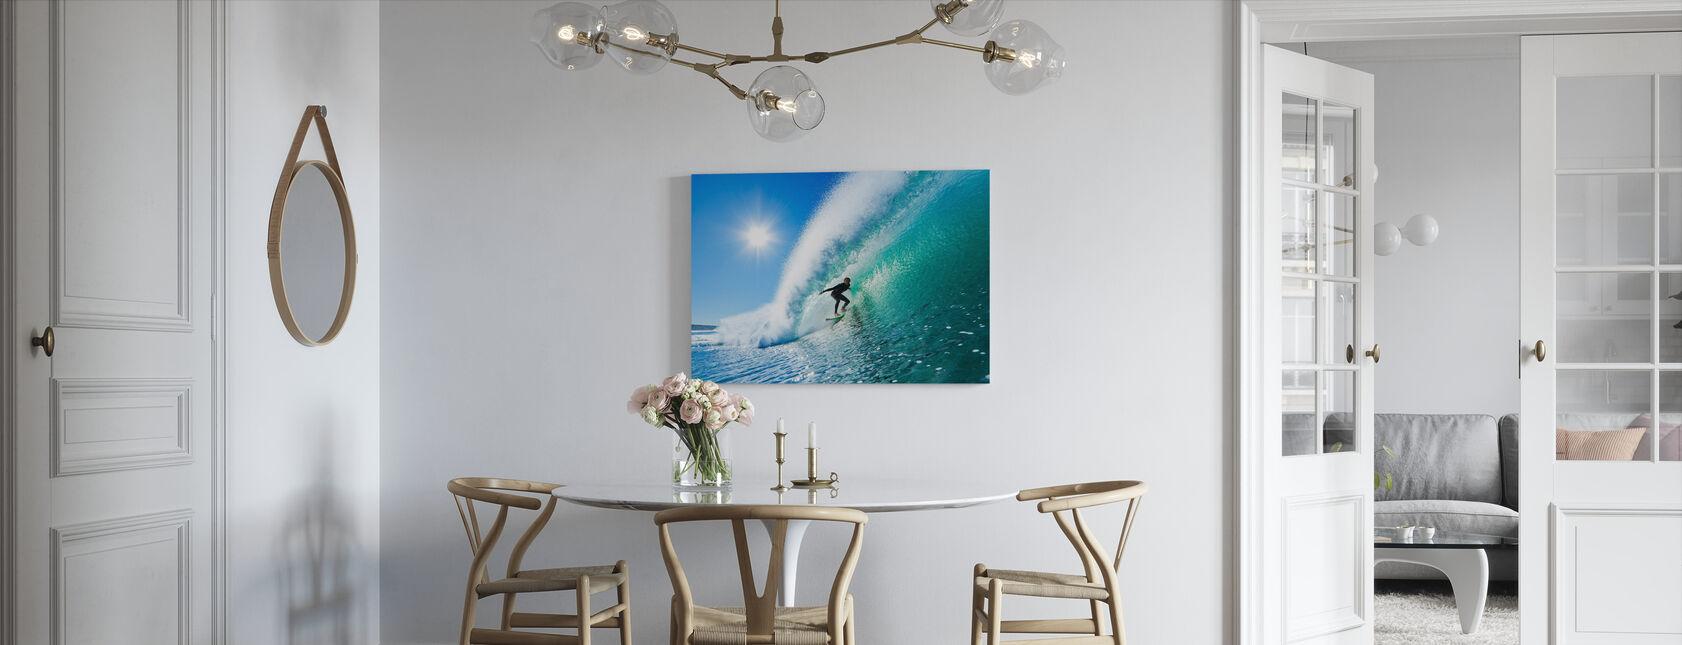 Surfing - Canvas print - Kitchen